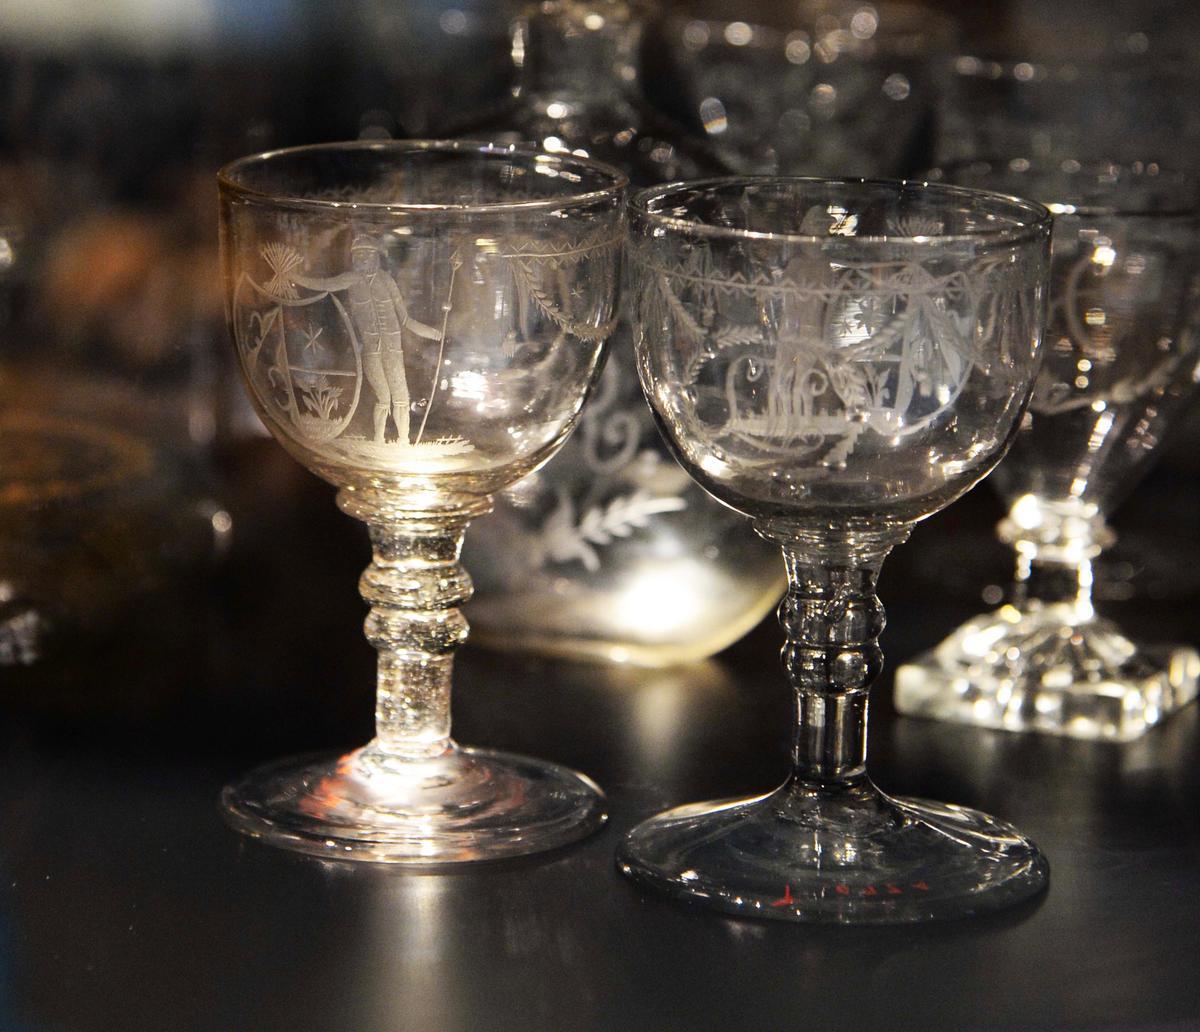 GLASS_amtmannens_glass.jpg